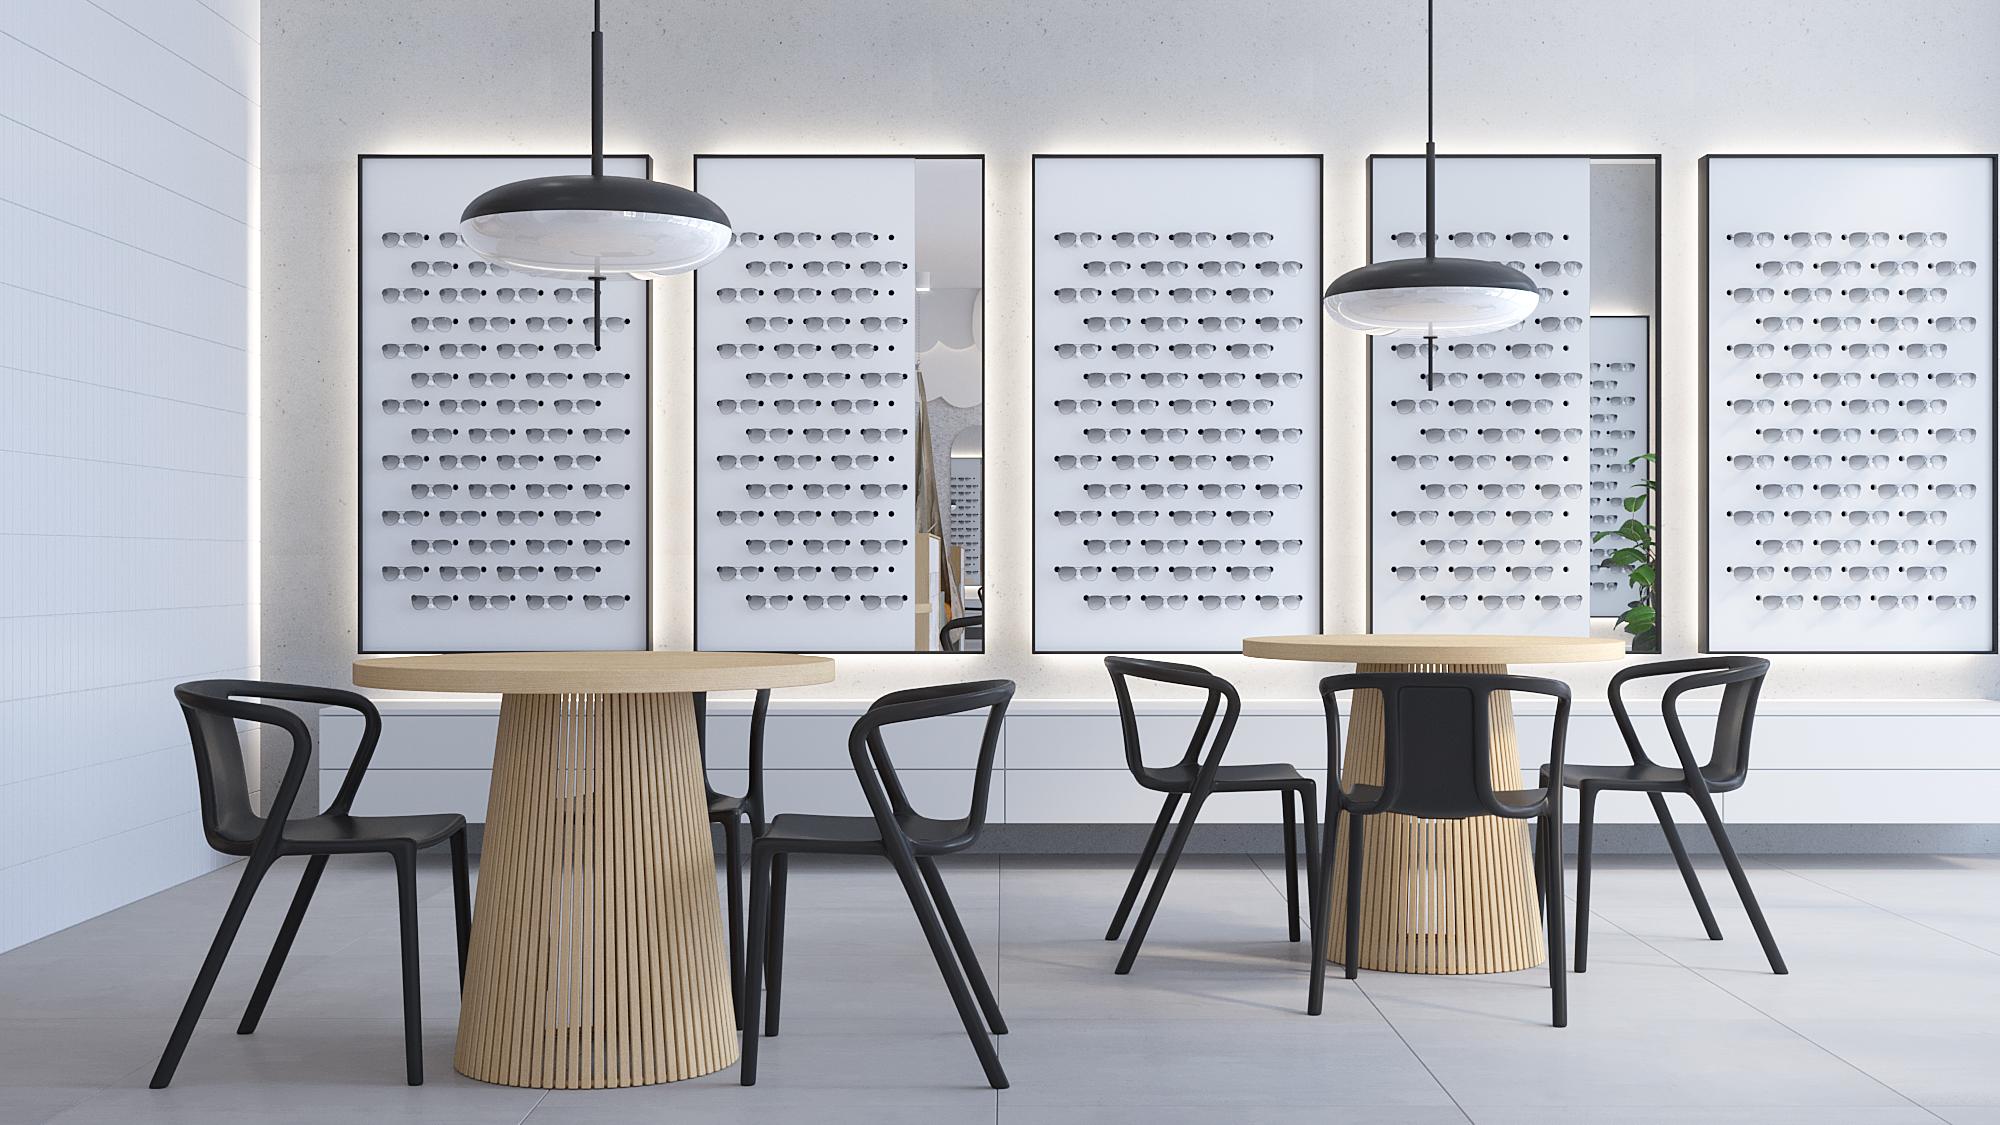 2 architekt wnetrz K099 optyk Strozik Bytom sala obslugi klienta ekspozytory na okulary czarne krzesla betonowe plytki